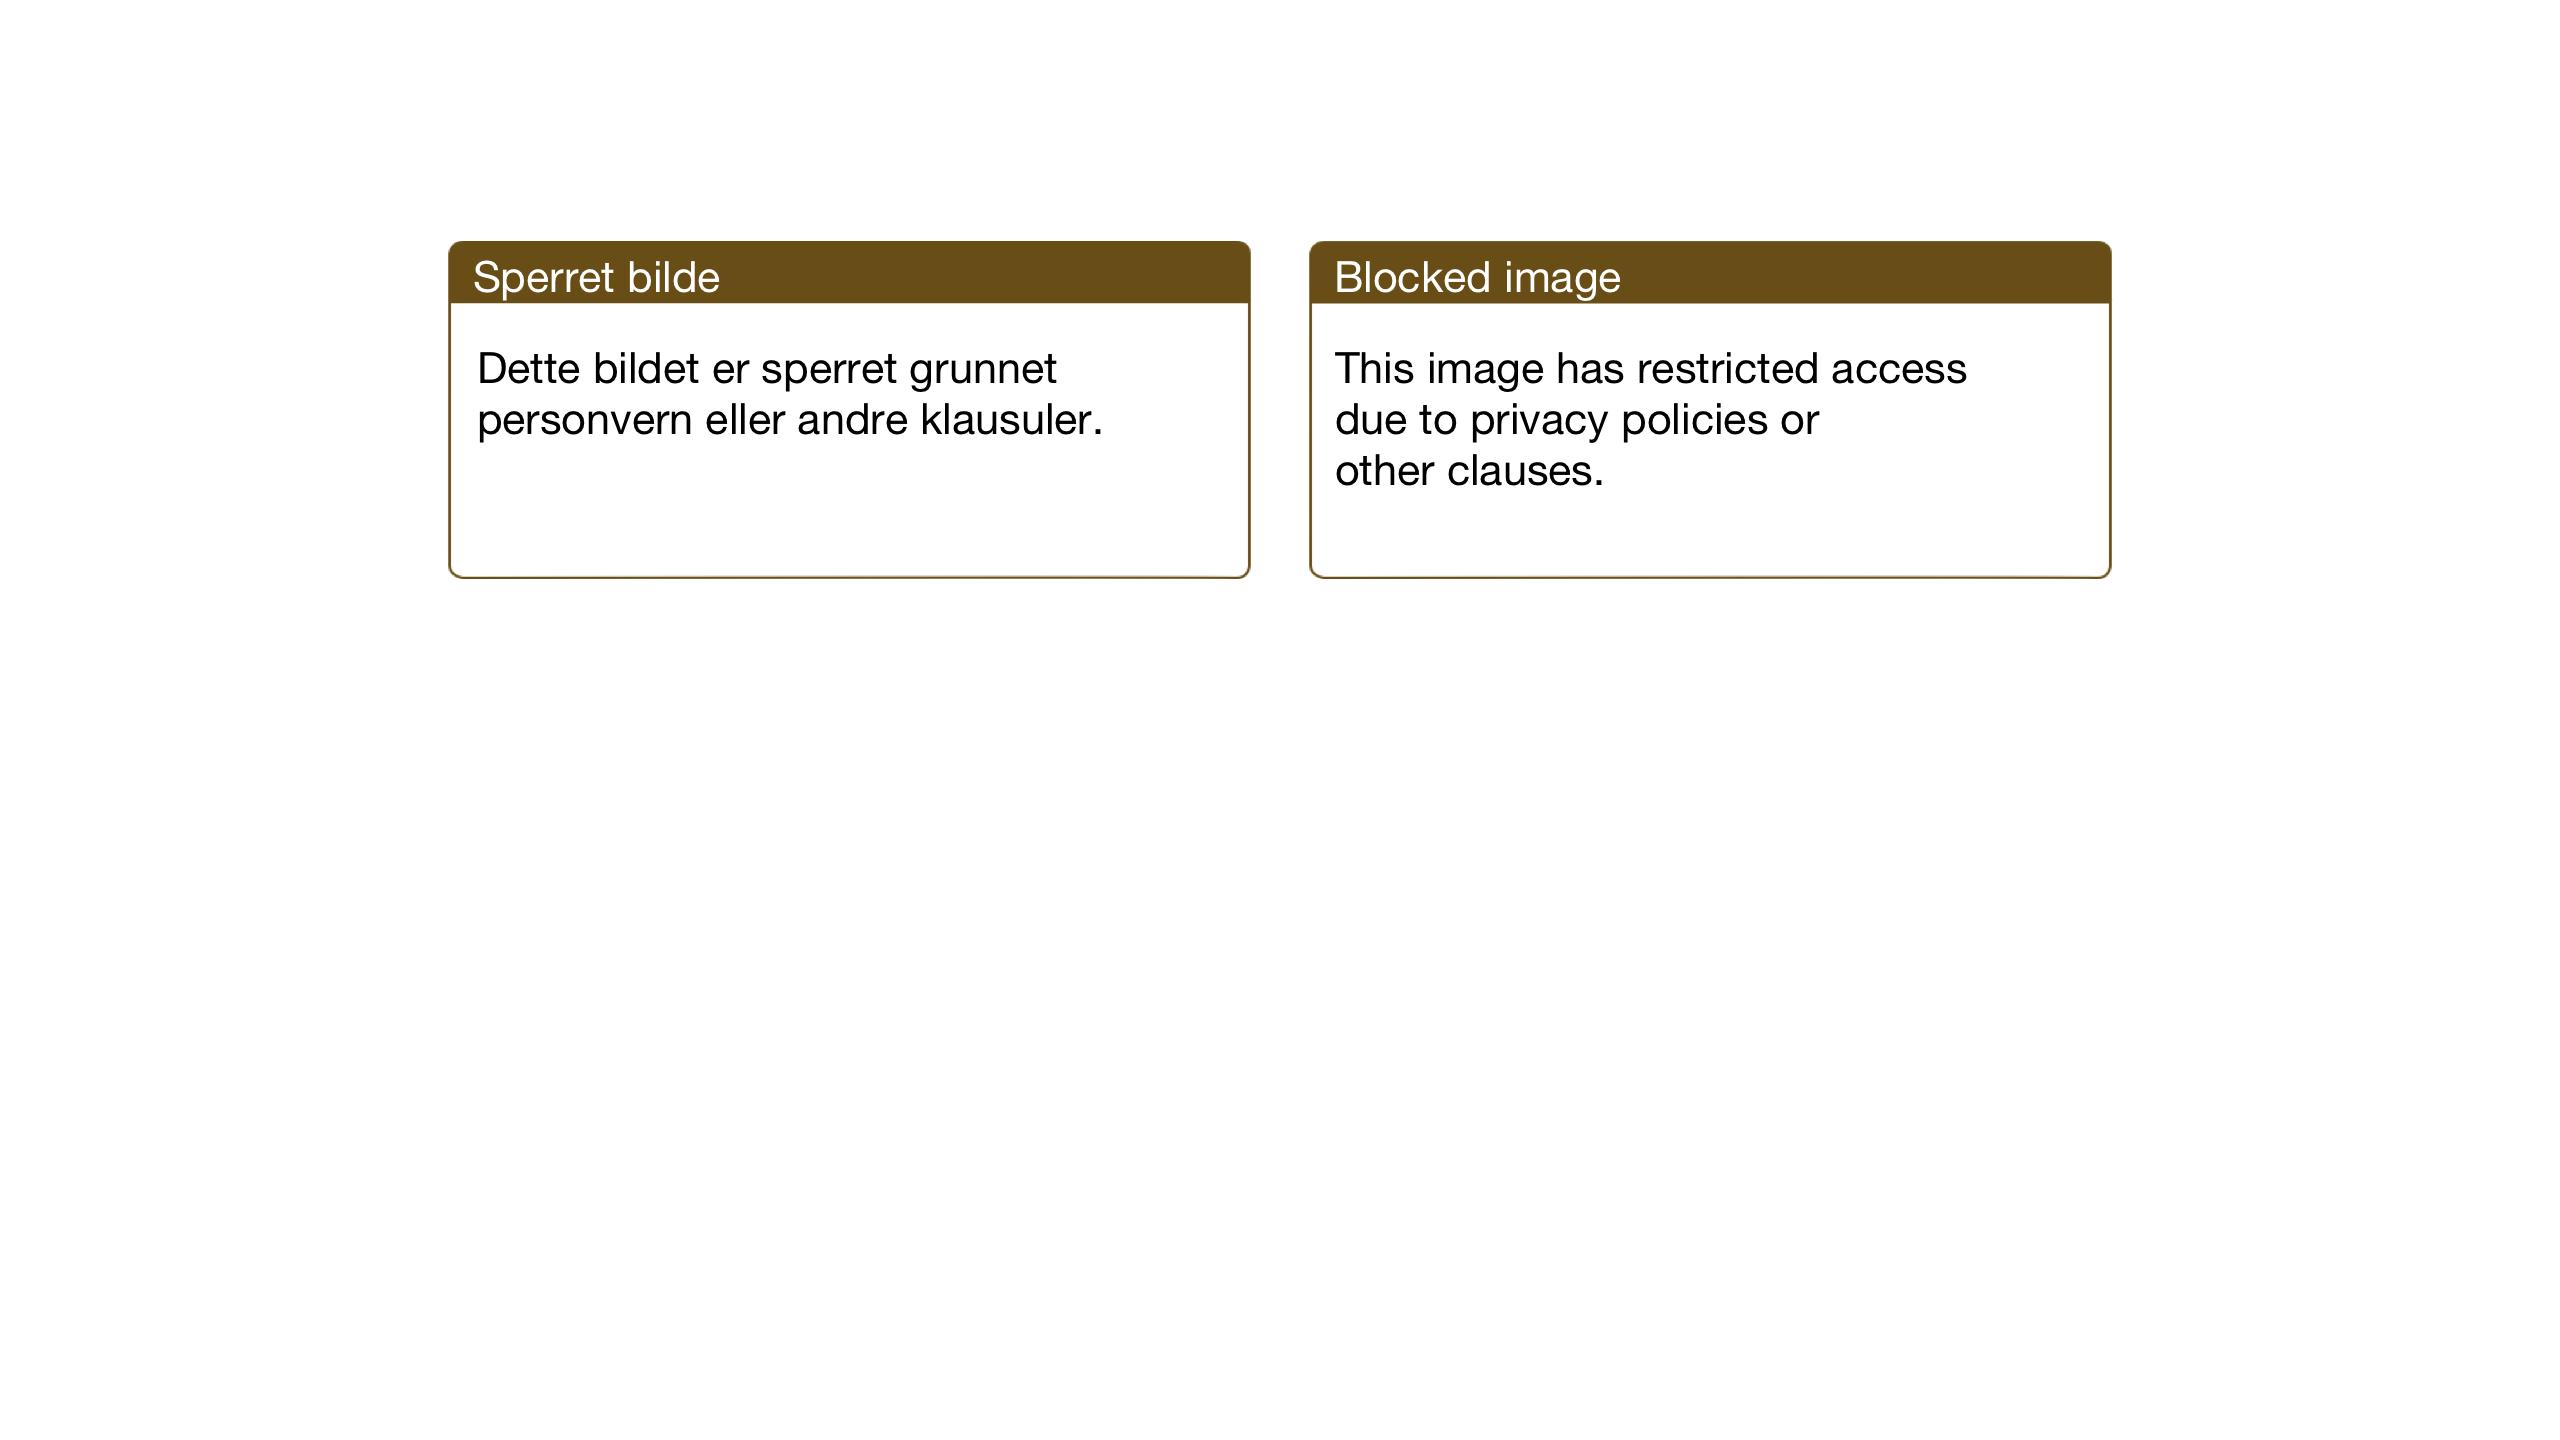 SAT, Ministerialprotokoller, klokkerbøker og fødselsregistre - Sør-Trøndelag, 674/L0878: Klokkerbok nr. 674C05, 1941-1950, s. 88